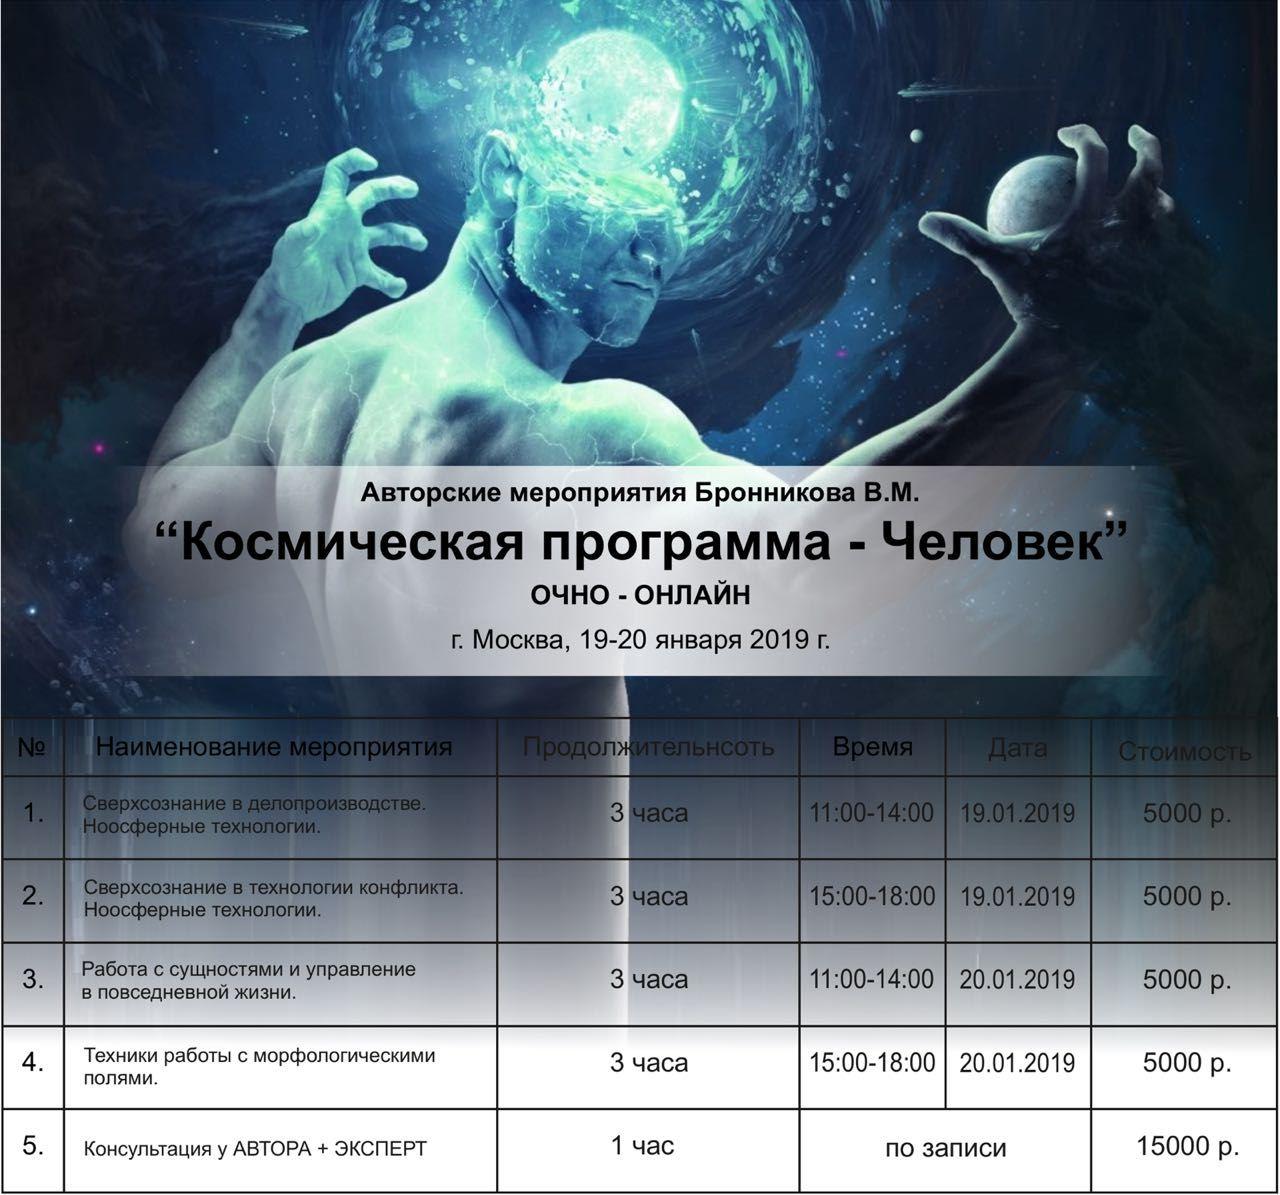 Авторские мероприятия 19-20 января 2019 года «Космическая программа — Человек»